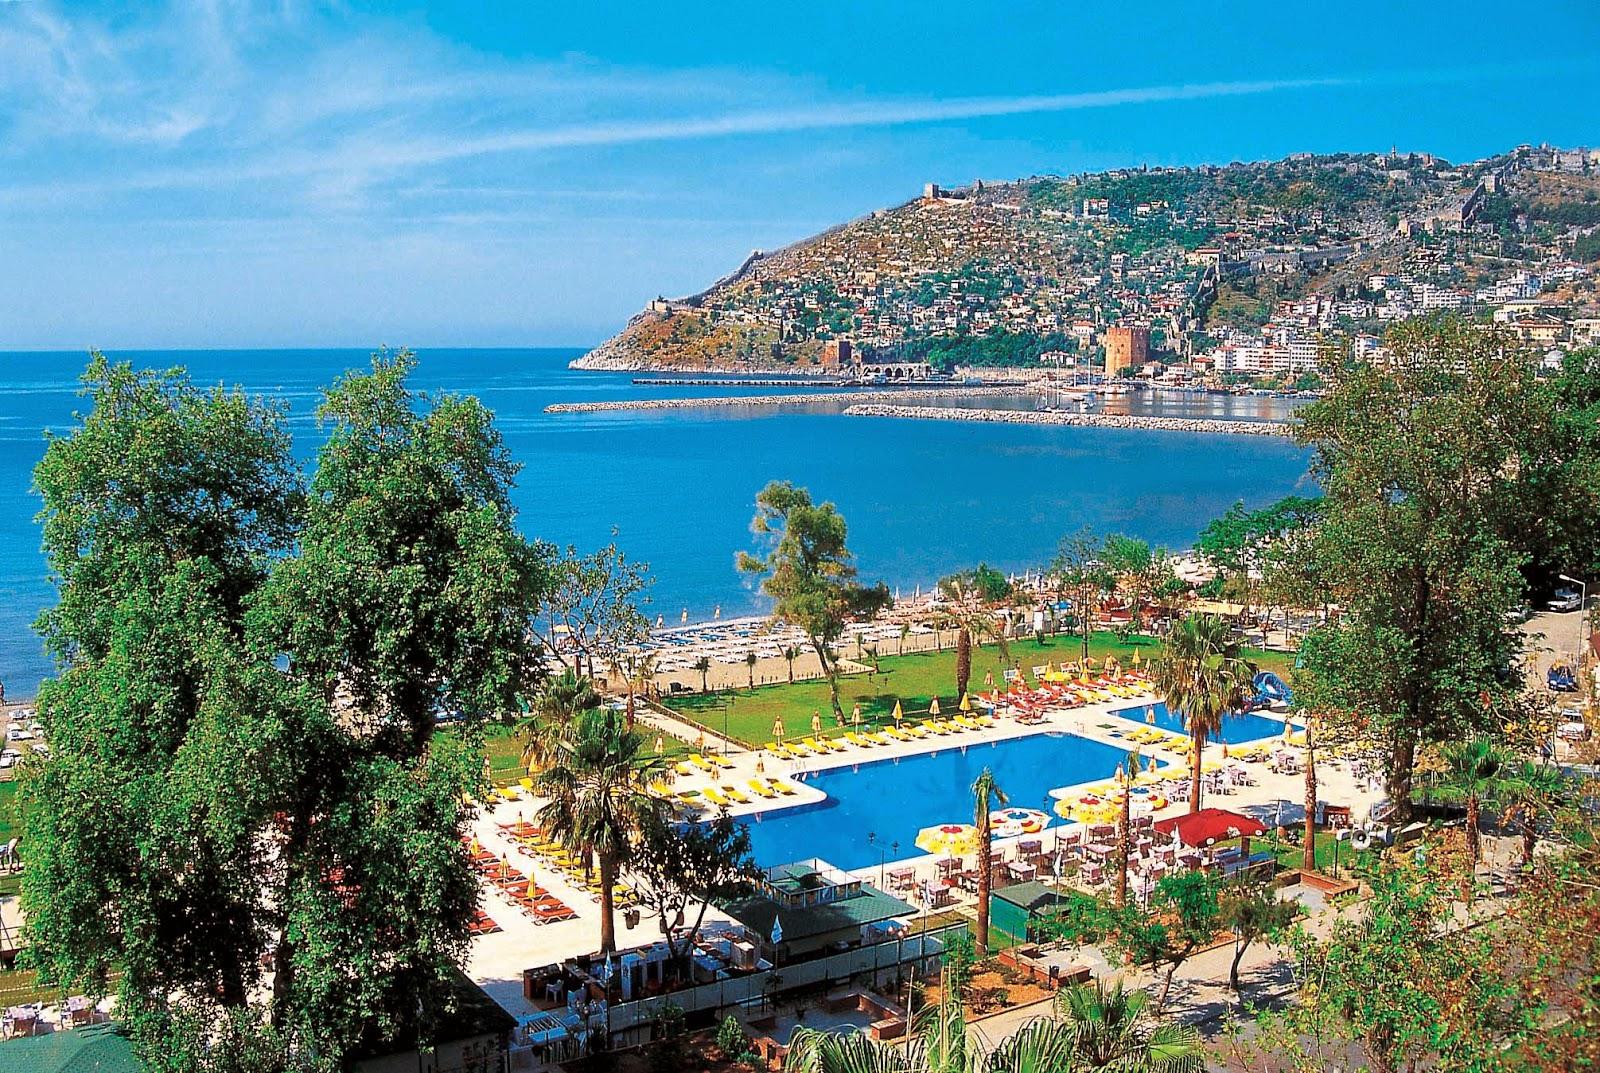 السياحة في انطاليا التركية